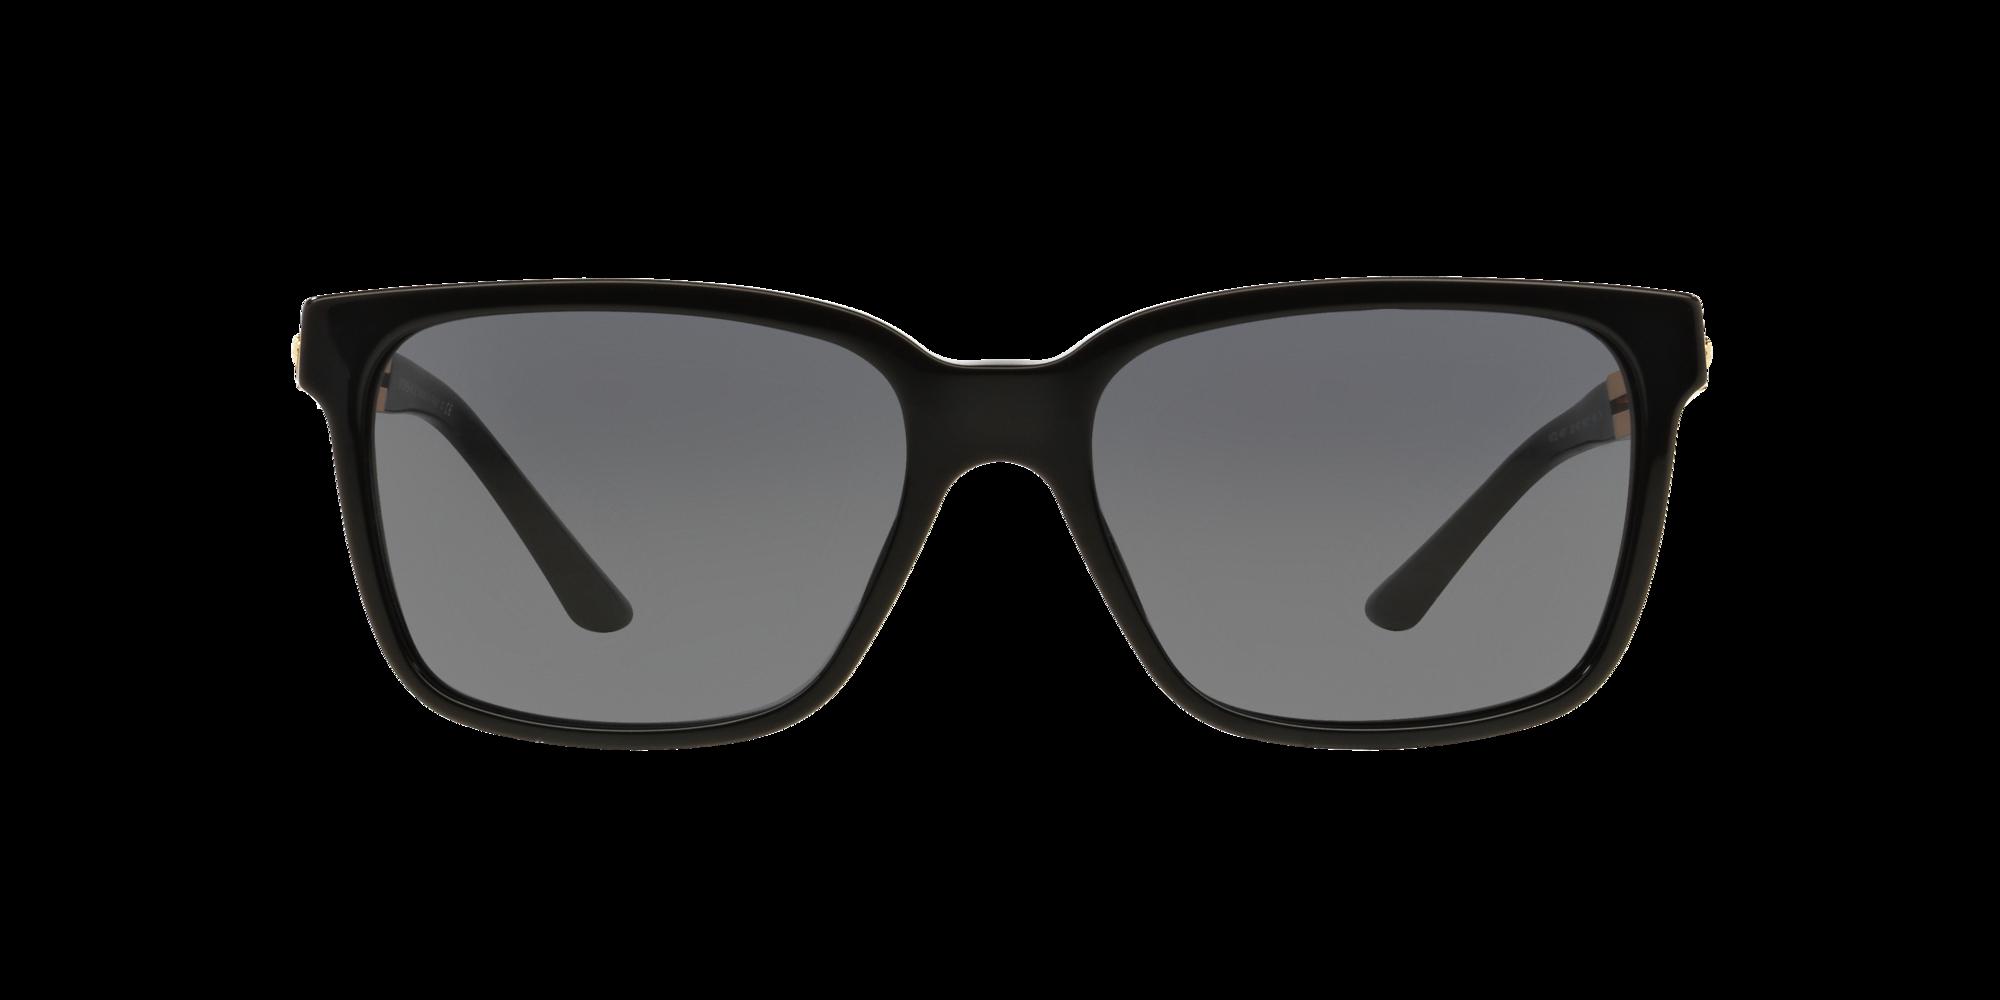 Imagen para VE4307 58 de LensCrafters    Espejuelos, espejuelos graduados en línea, gafas